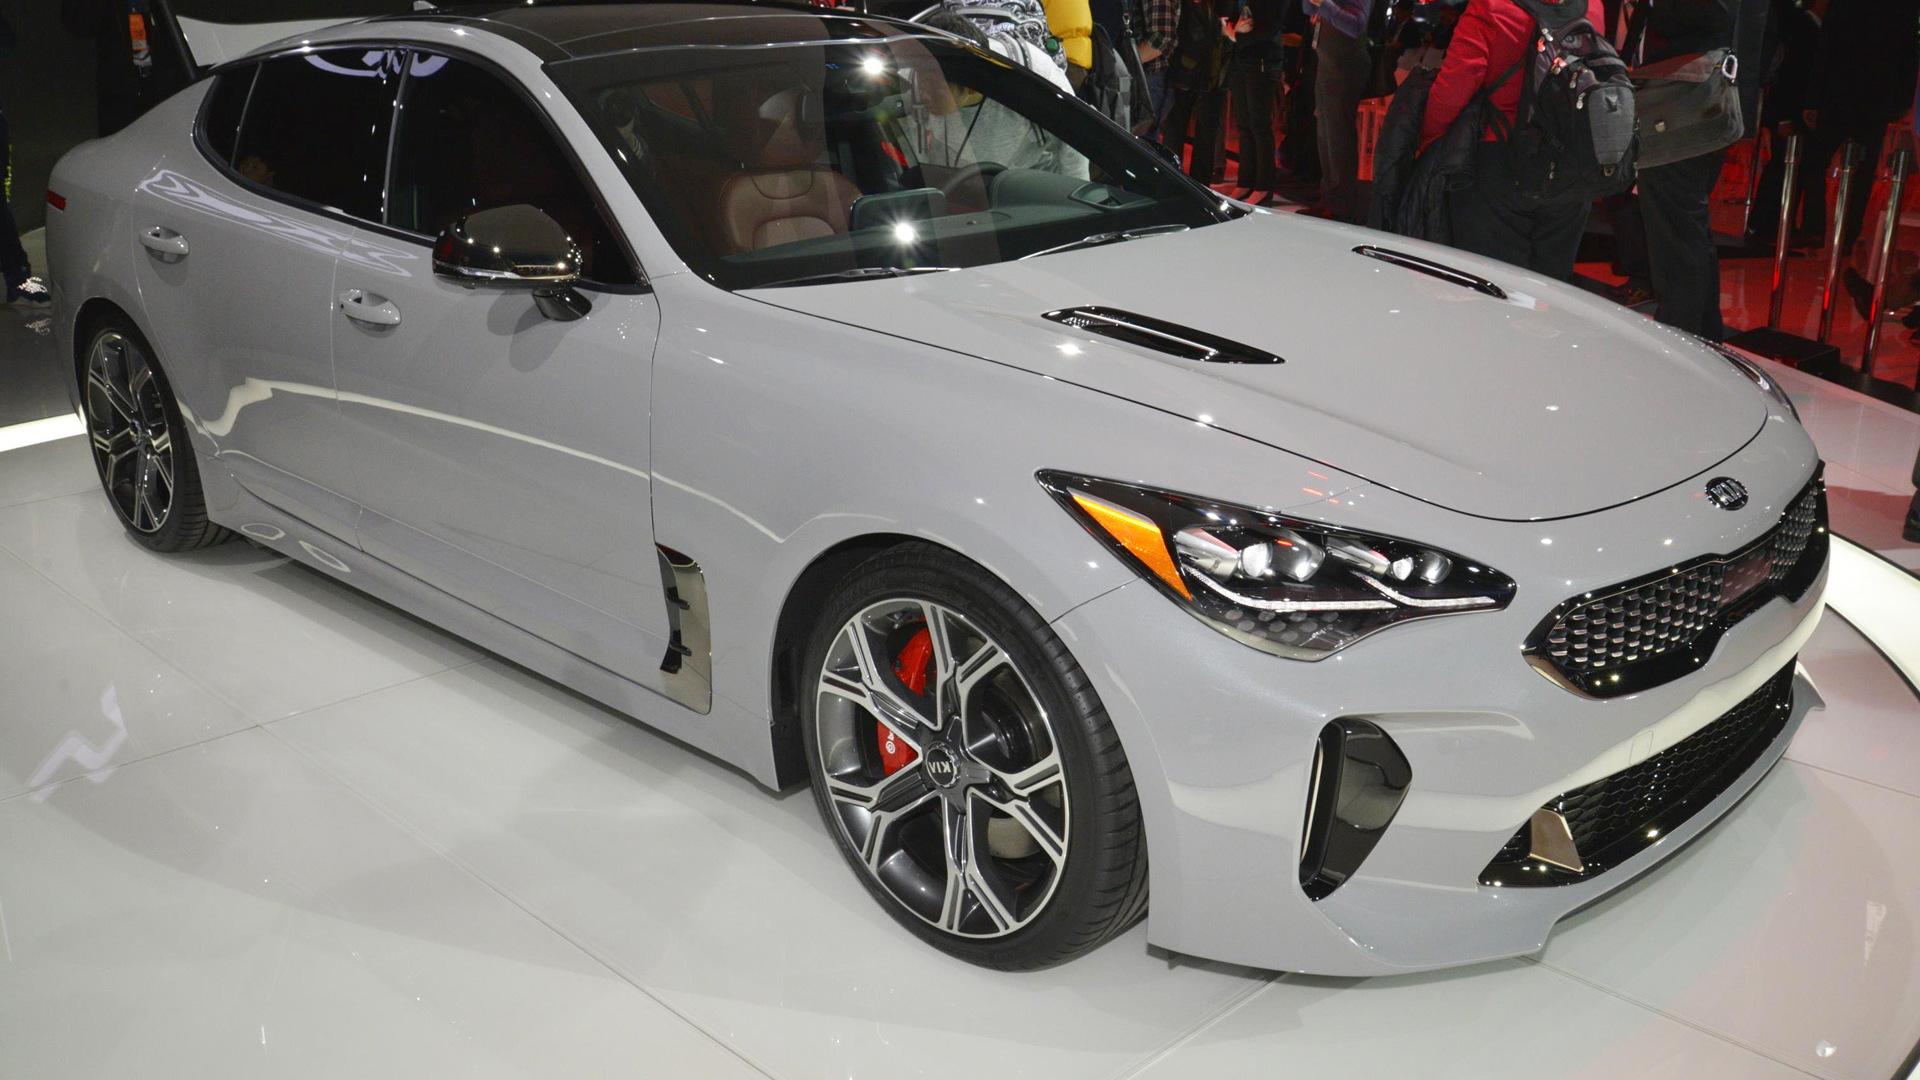 2018 Kia Stinger, 2017 Detroit auto show